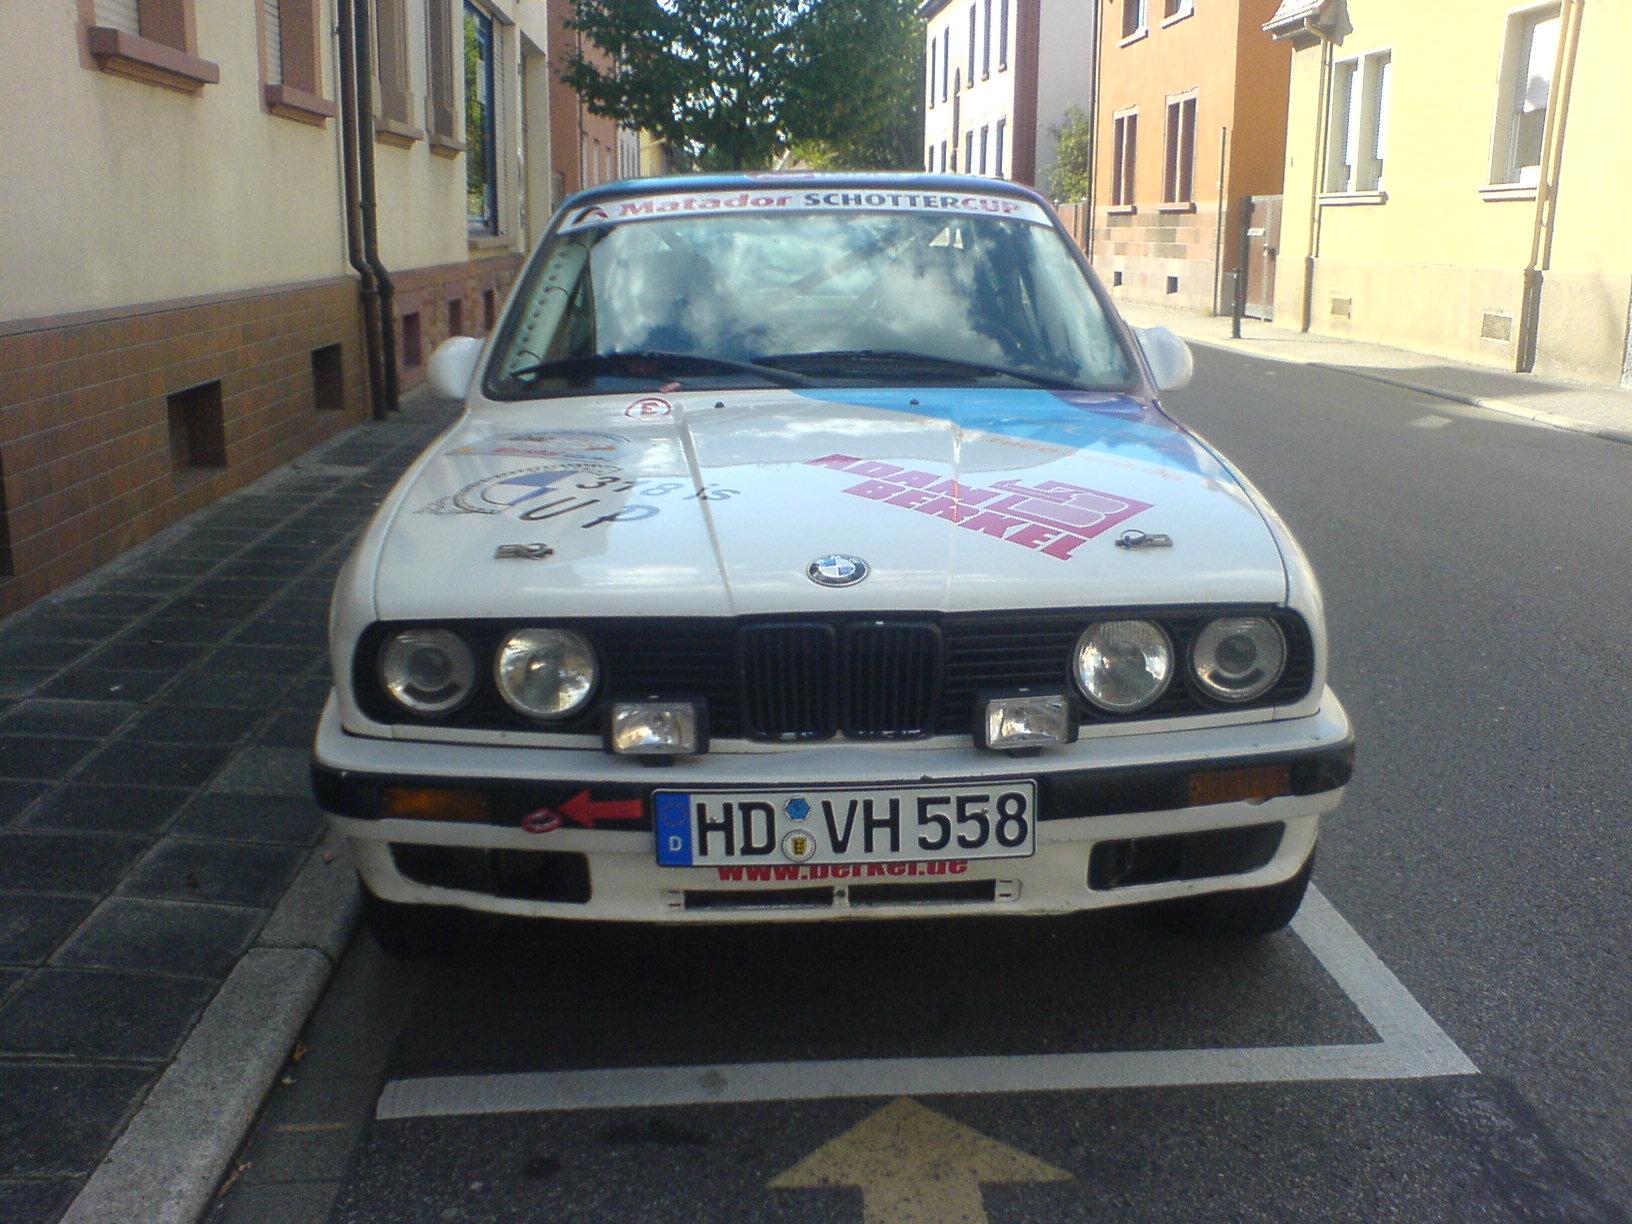 Endlich Rallye Auto Von Cornhulio Bmw 318is Seite 1